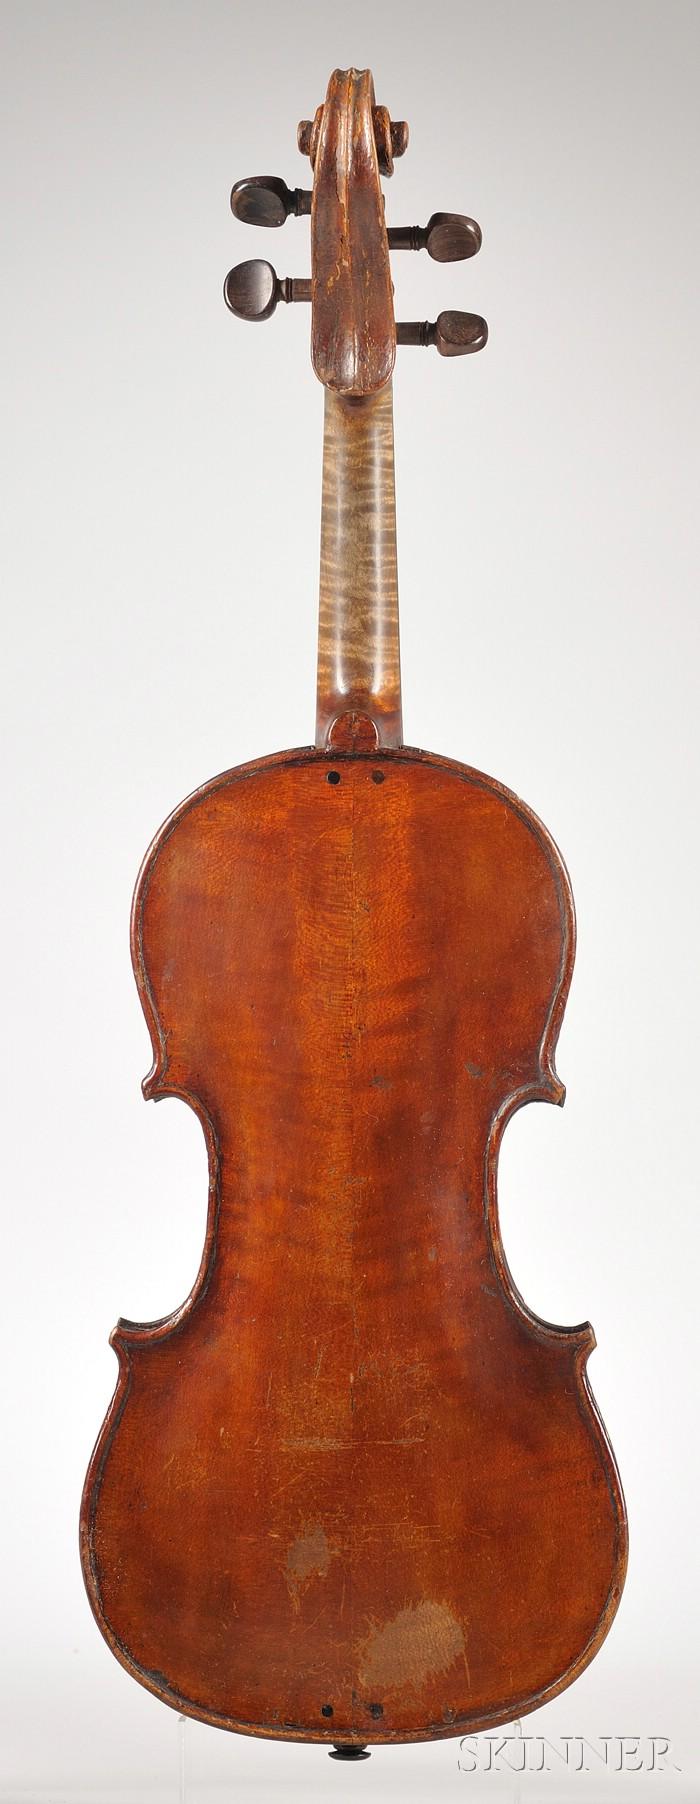 French Violin, Francois Gavinies, Paris, 1769